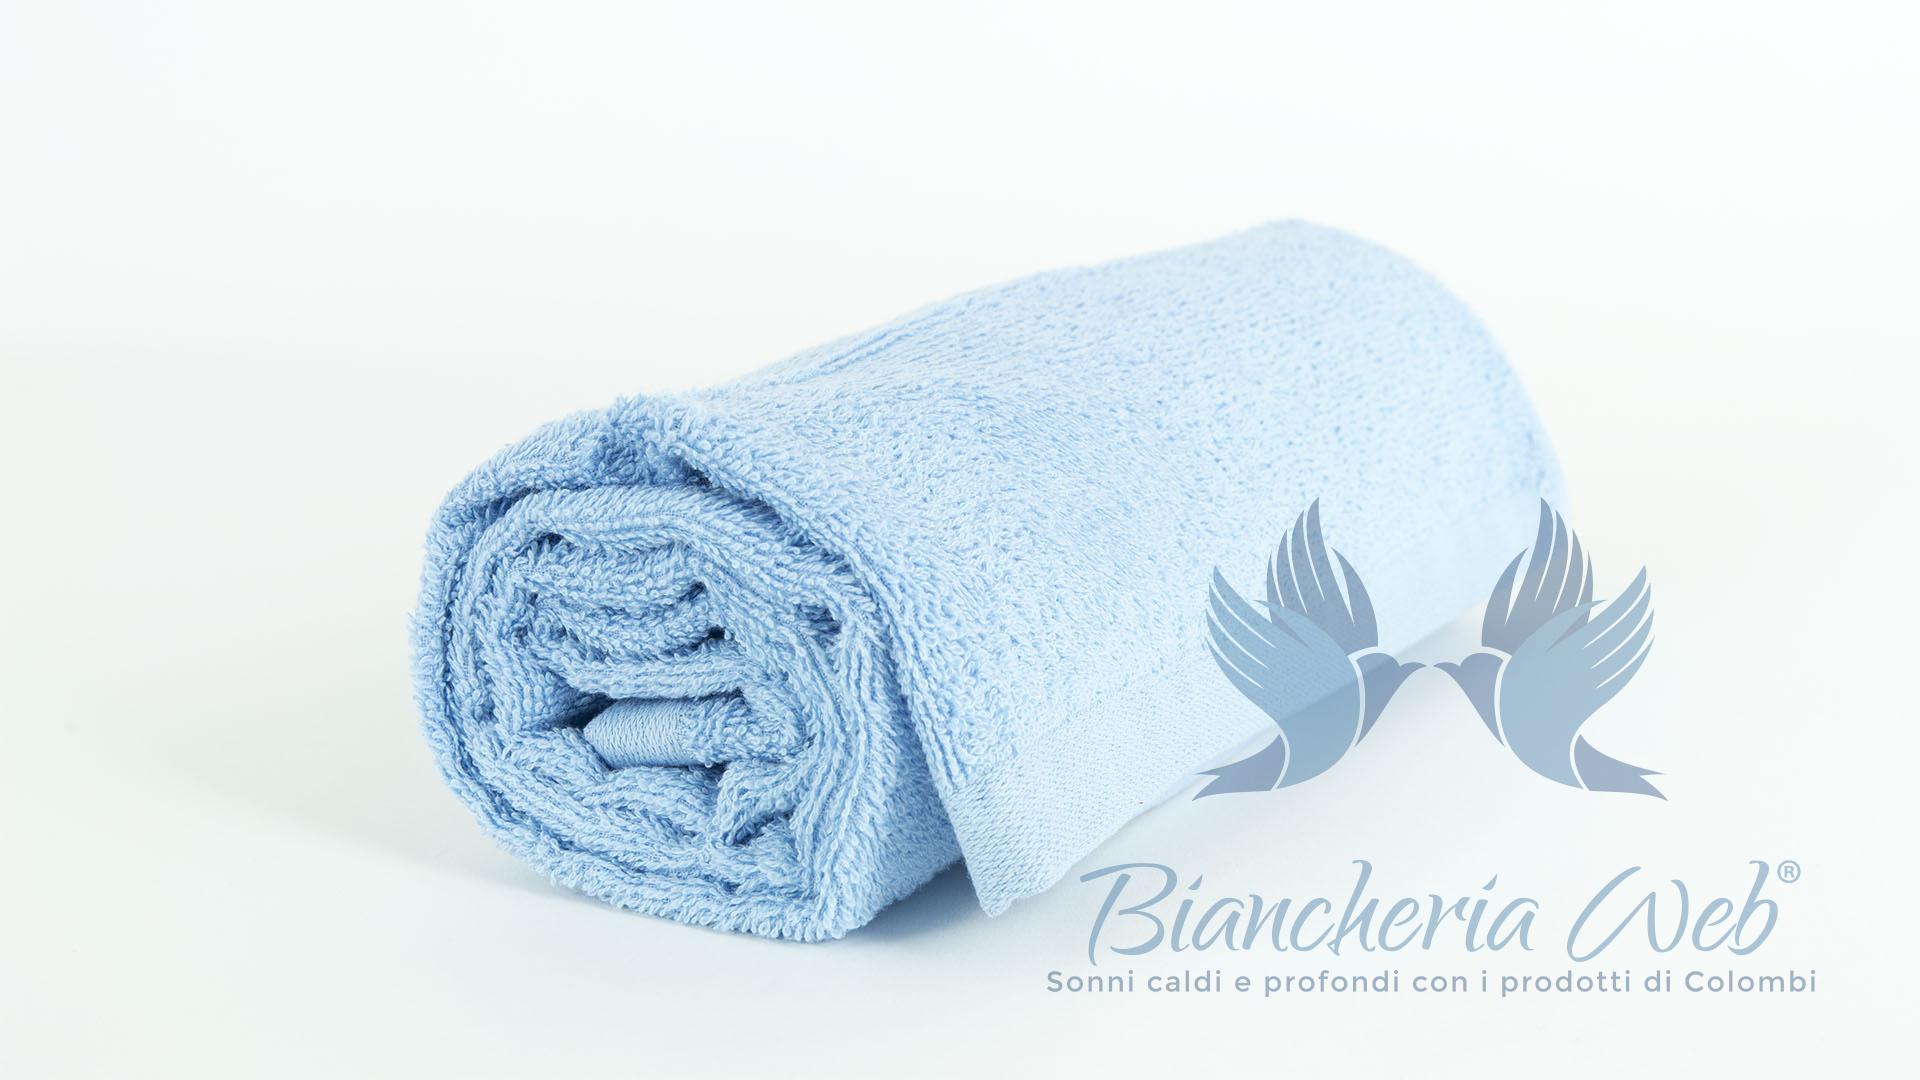 Blog di biancheriaweb spugna per il bagno - Spugna per pulire bagno ...